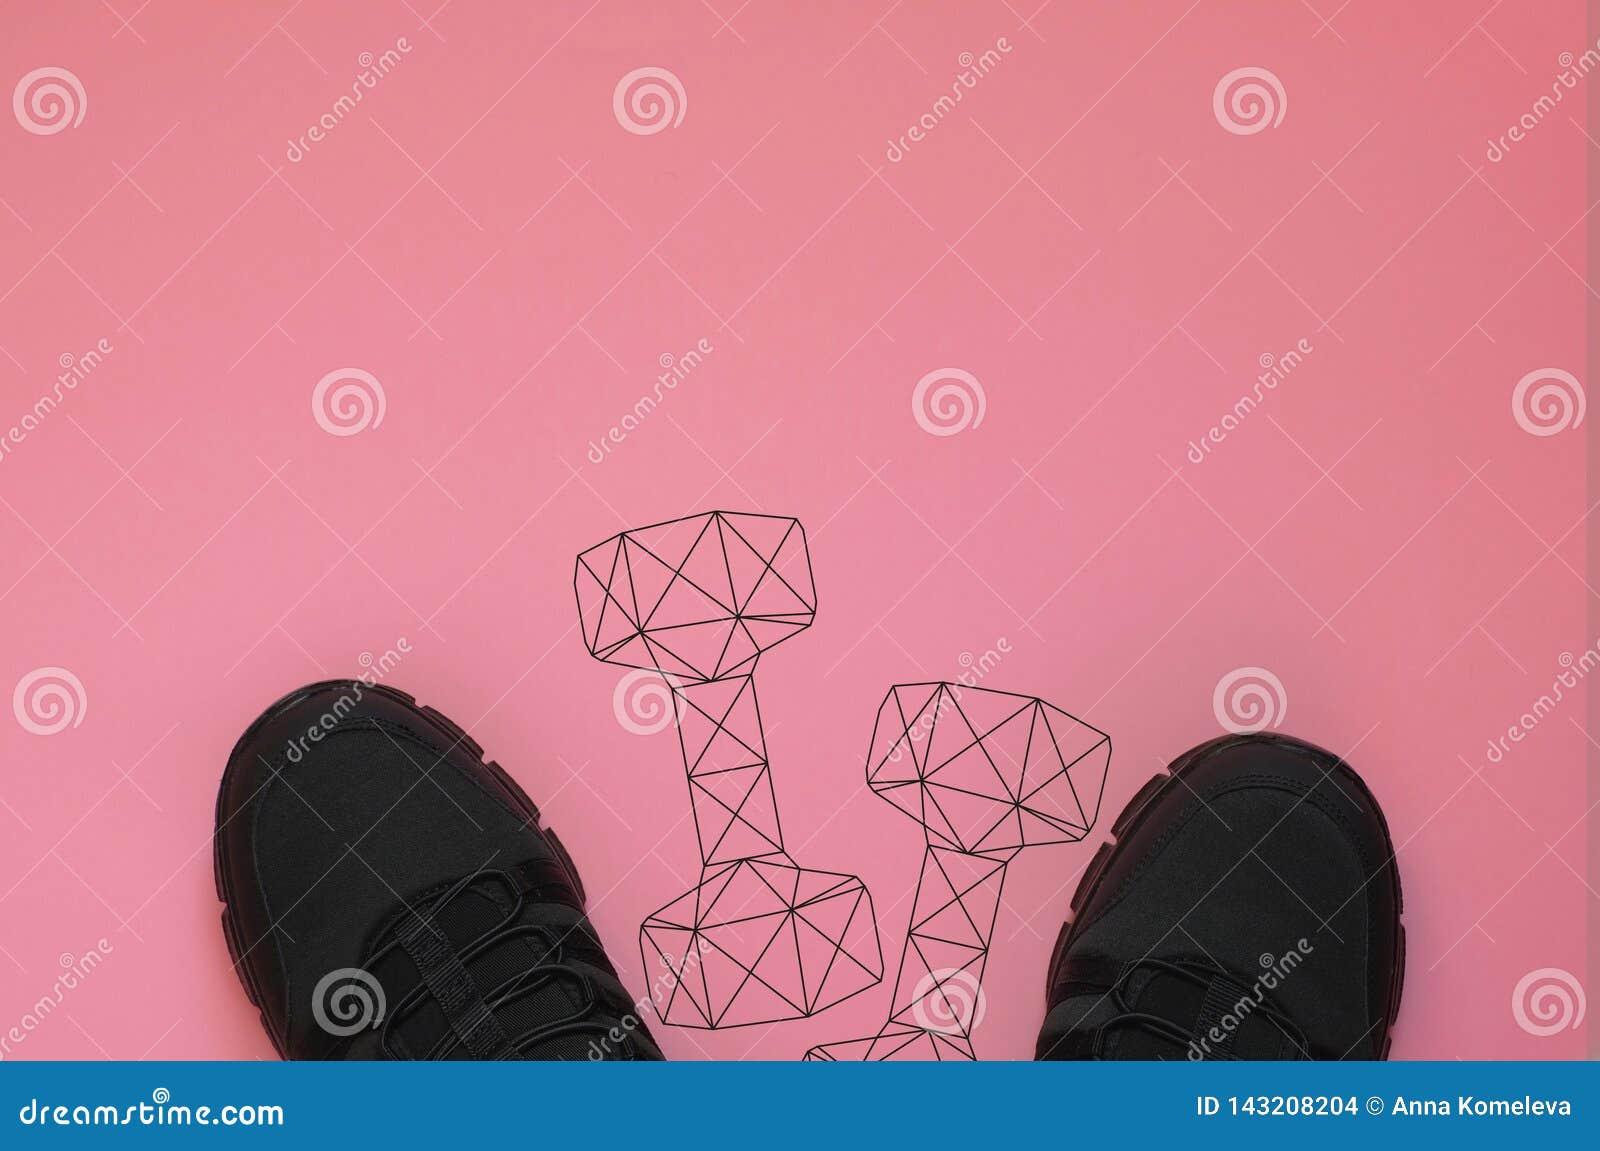 Scarpe da tennis nere e pesi poligonali della testa di legno della palestra su fondo di corallo